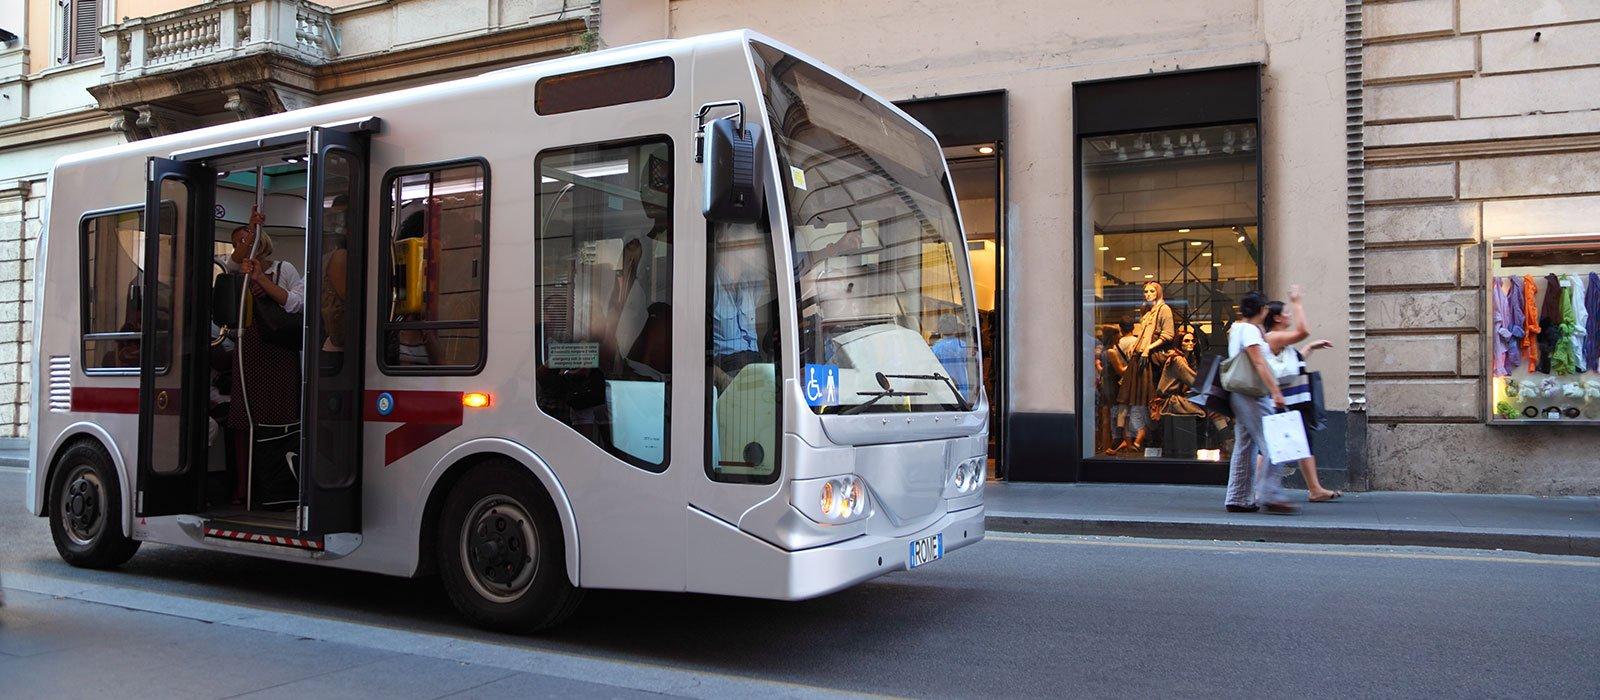 autobus che circola nella città di Firenze